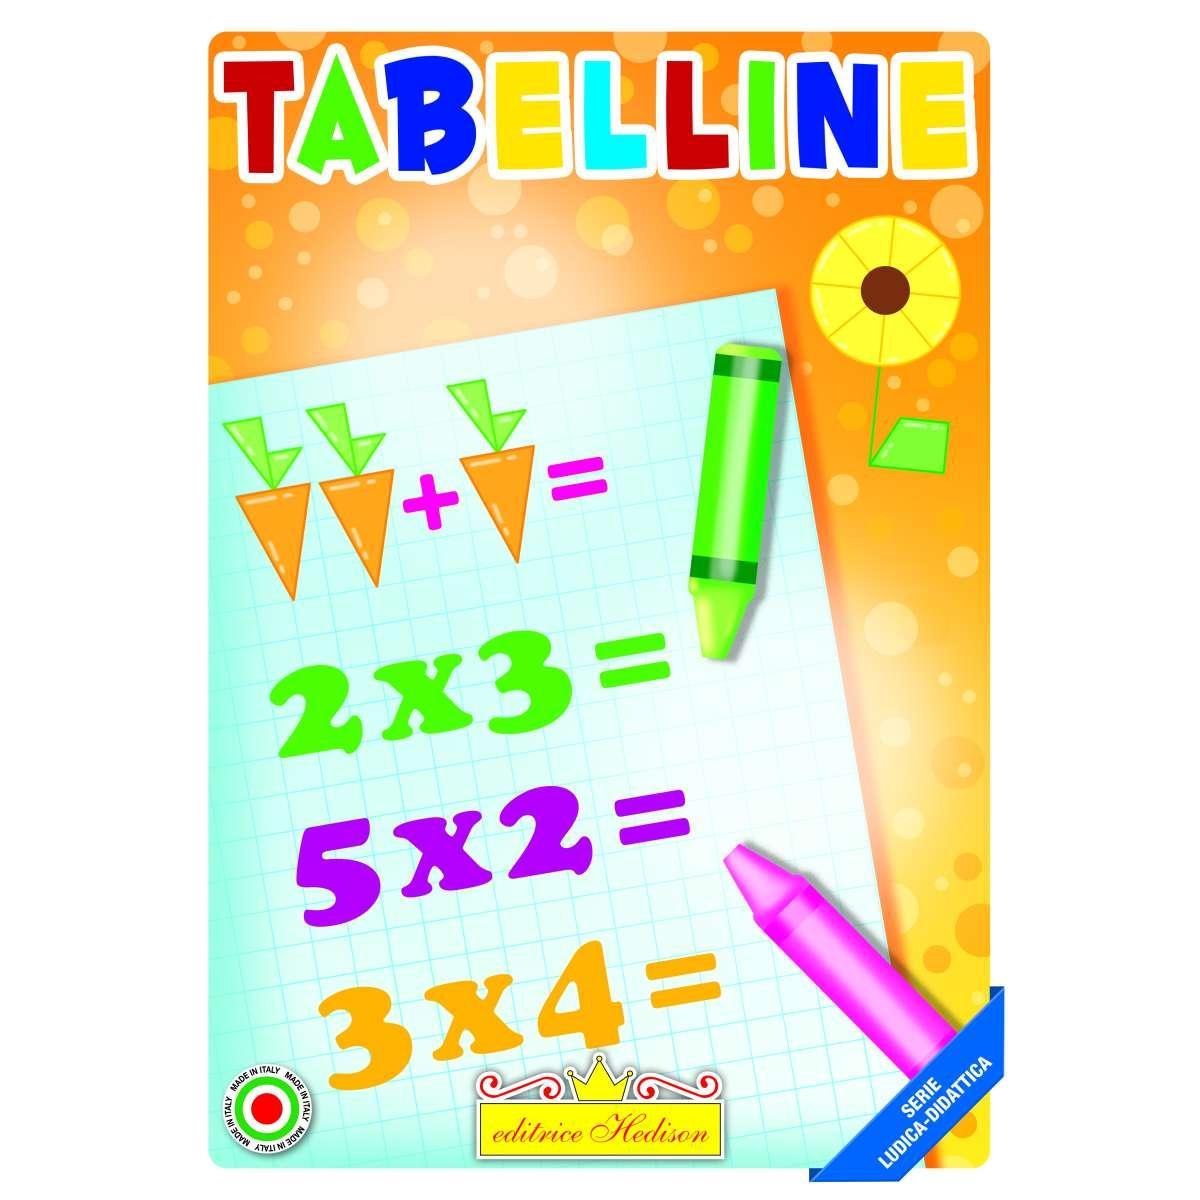 Editrice Hedison Libro Per Bambini Da Colorare Tabelline Divertenti Lib5854 9788196405854